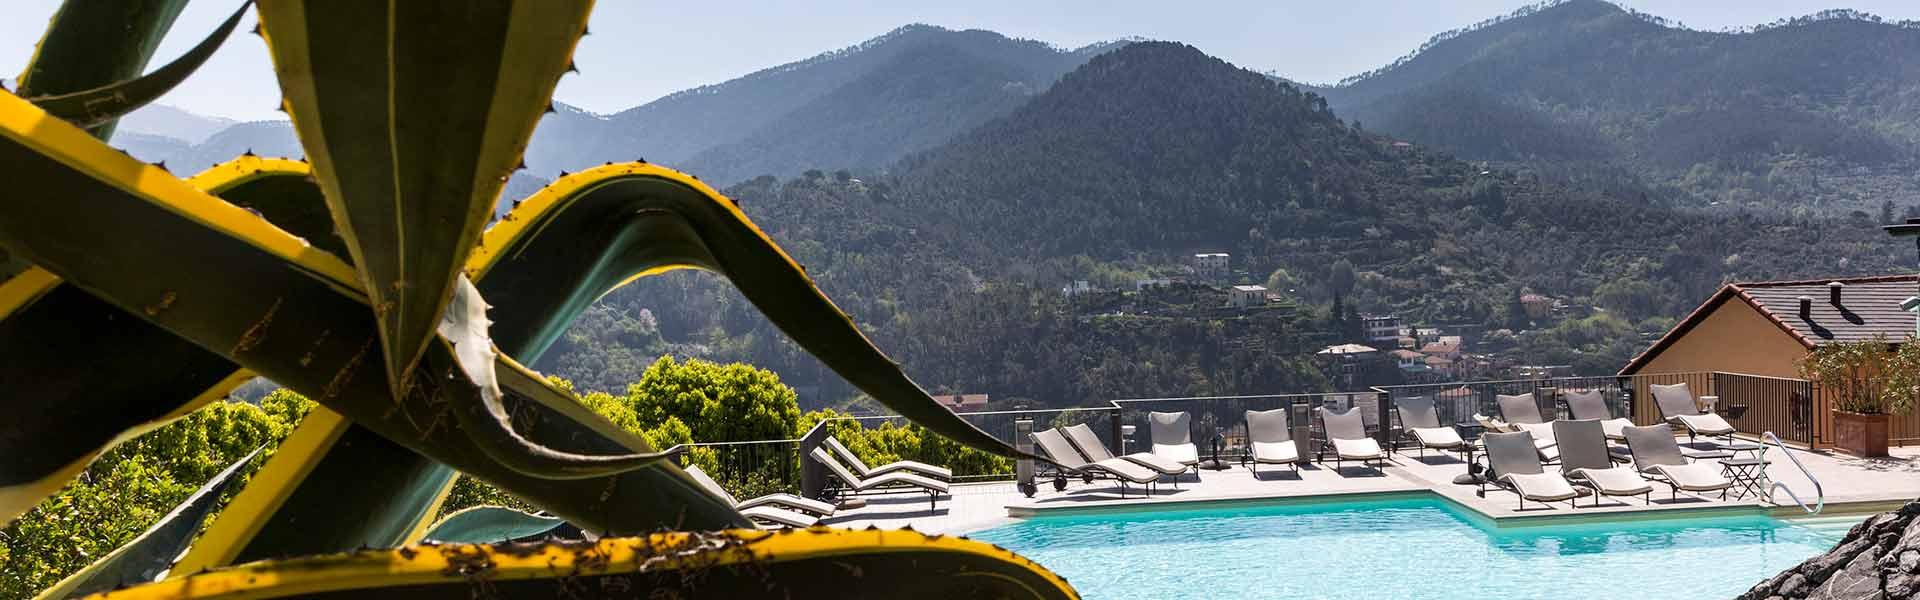 Galleria foto Park Hotel Argento Resort SPA Levanto